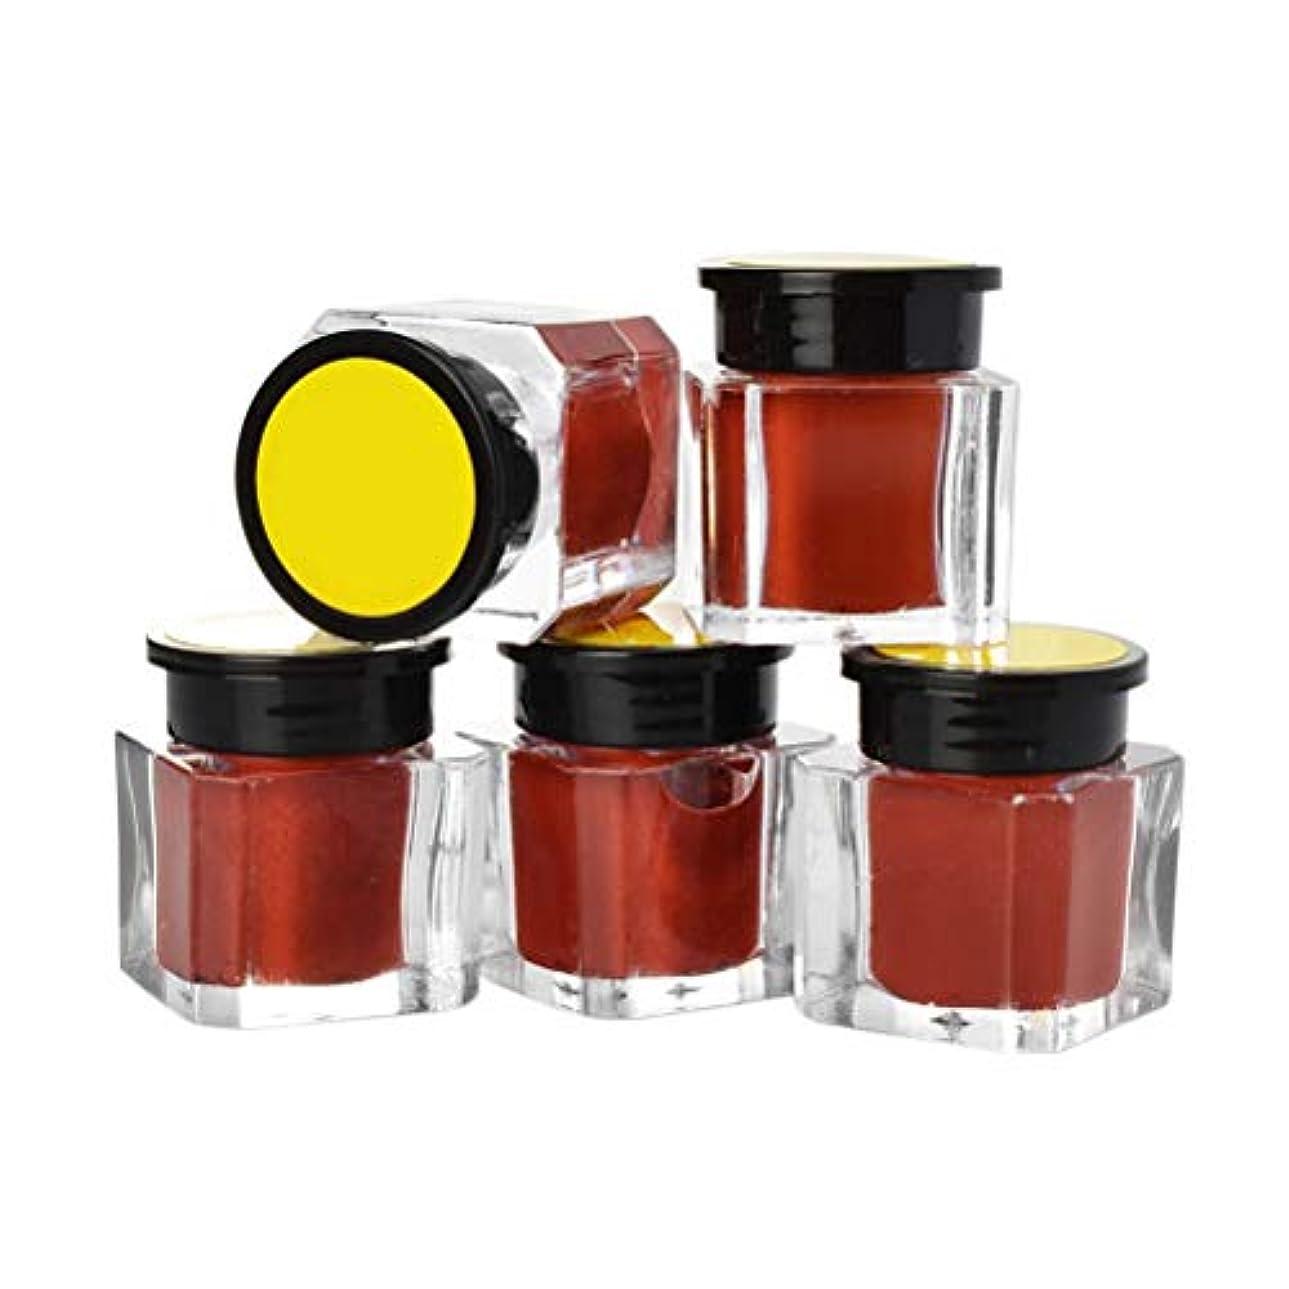 ラップトップ特別な有力者Healifty 5ピースタトゥーインク顔料眉アイライナーボディーアート塗料マイクロブレードカラー顔料コーヒー